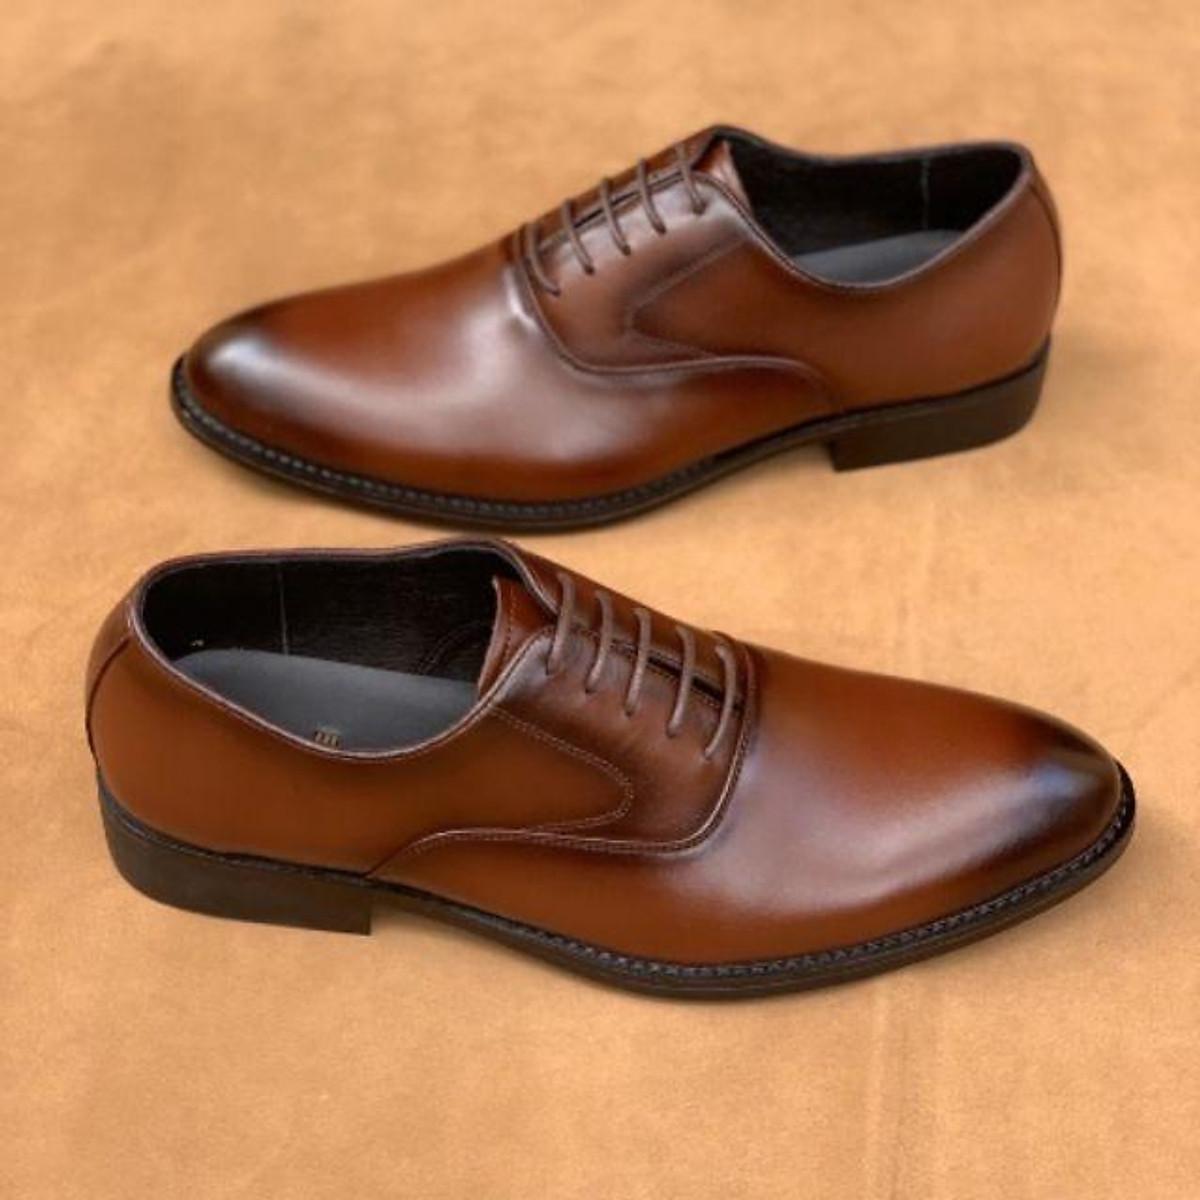 Giày Tây Nam Công Sở Cao Cấp Chất Da Bò Thật Màu Nâu Đẳng Cấp Sang Trọng UDANY - GBD16